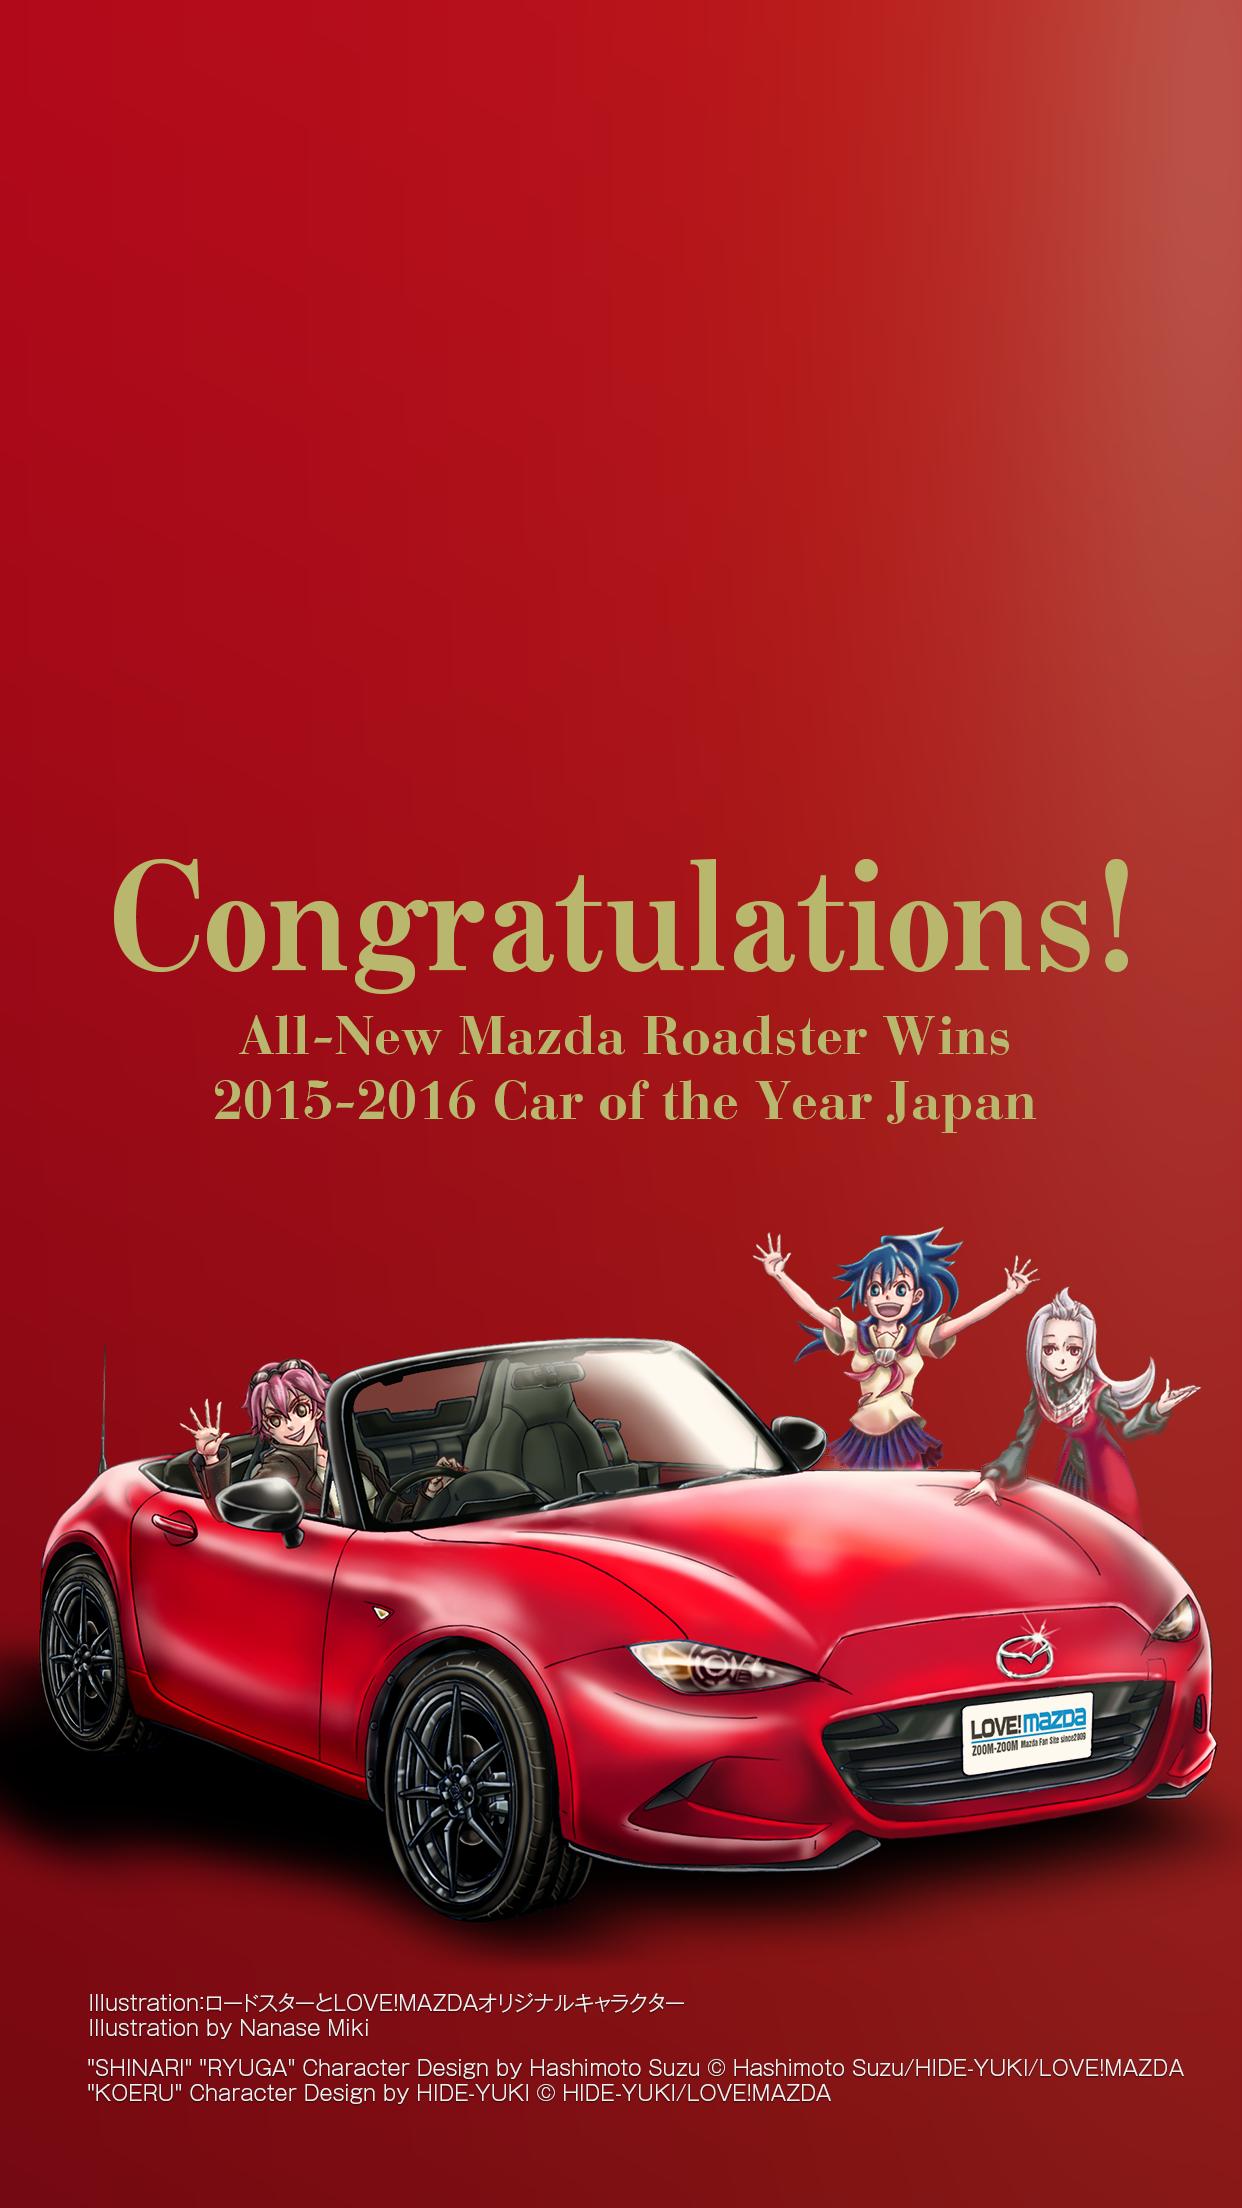 ナナセミキ様イラストギャラリー Love Mazda ラブマツダ